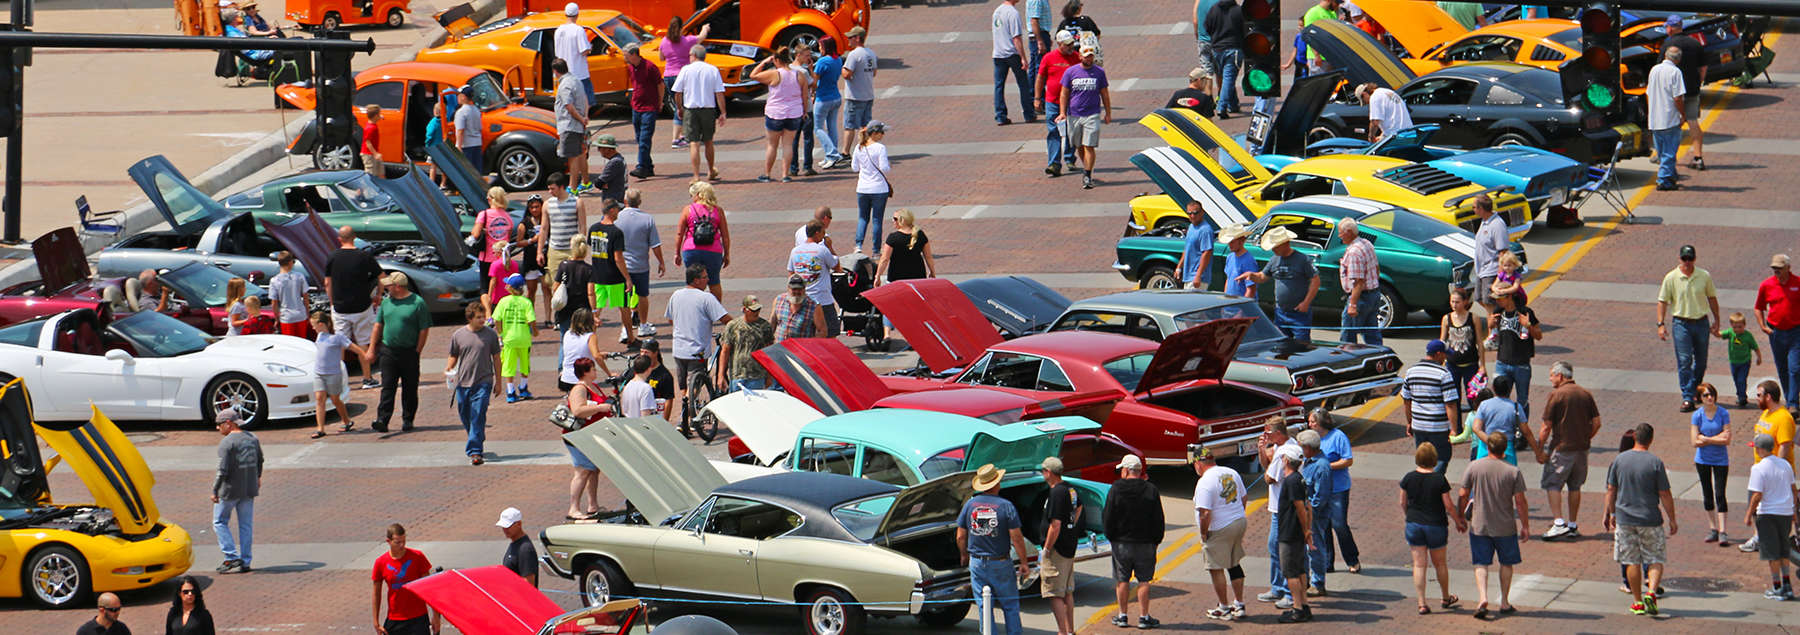 Wichita Car Shows Wichita KS - Starbird car show wichita